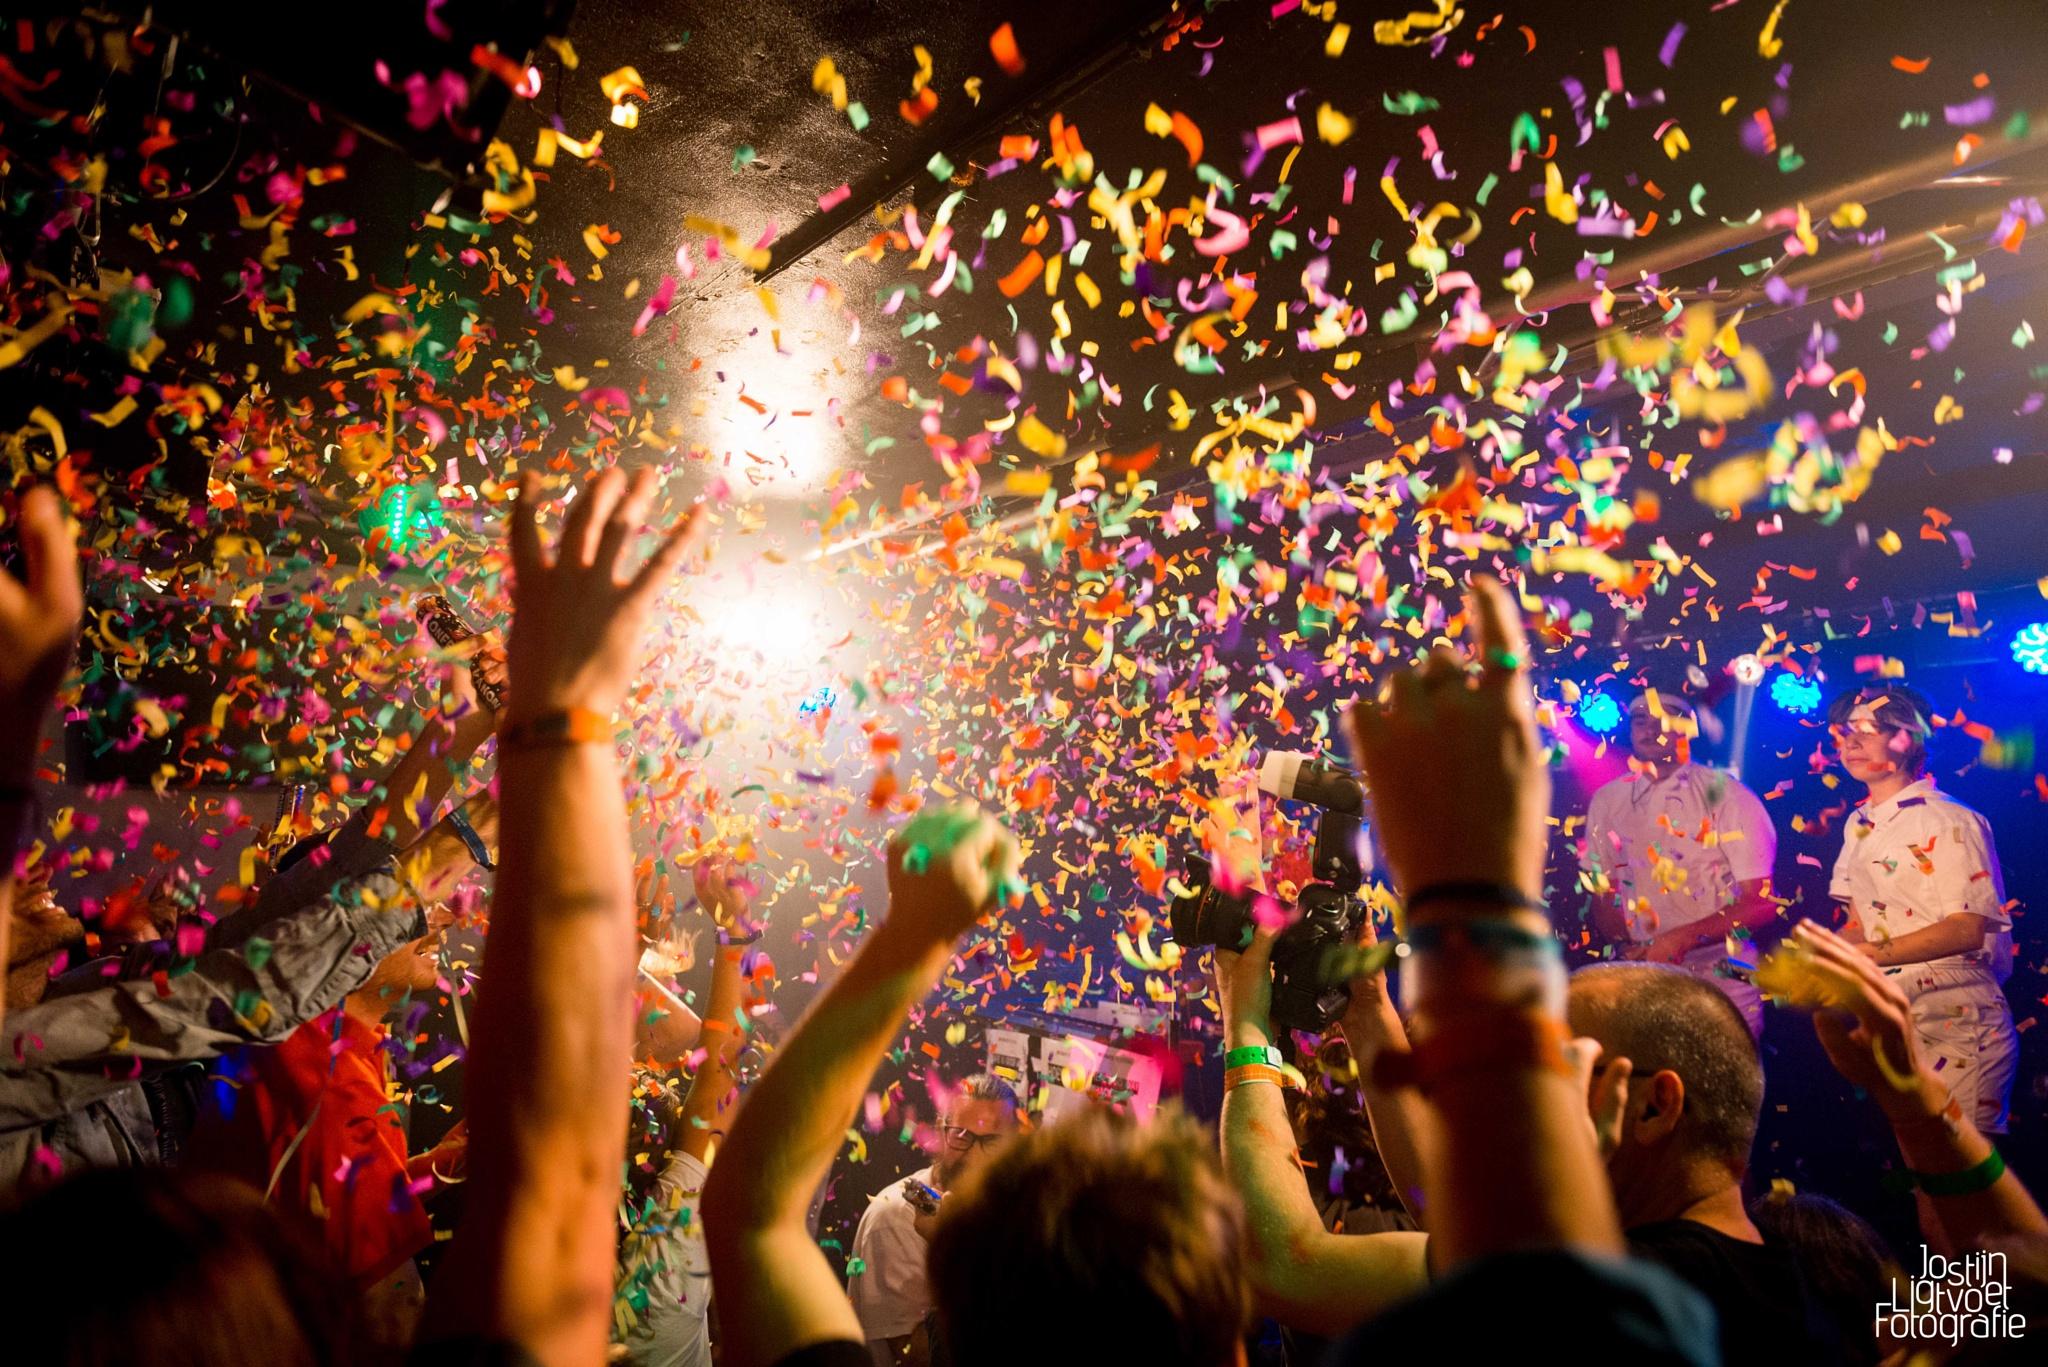 Party by Jostijn Ligtvoet Fotografie